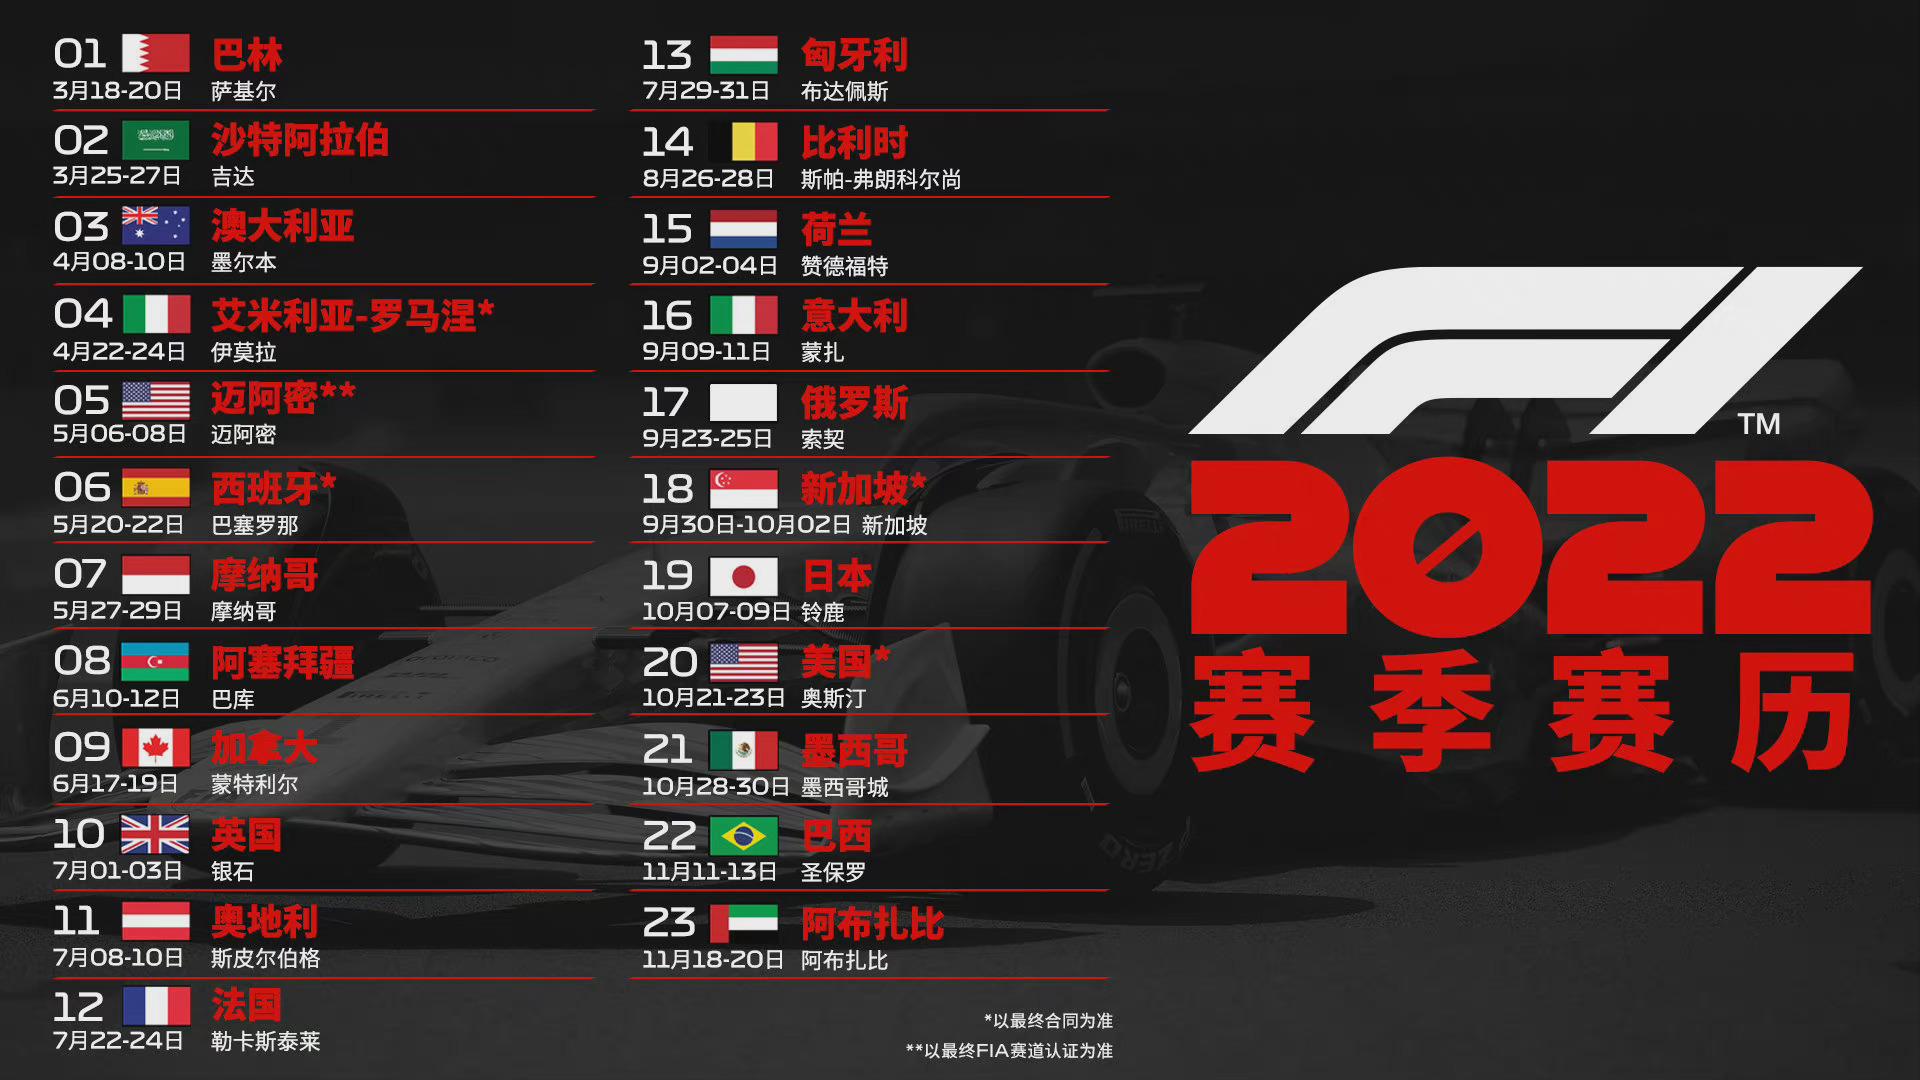 F1中国大奖赛缺席2022F1赛历:一旦条件允许会尽快回归